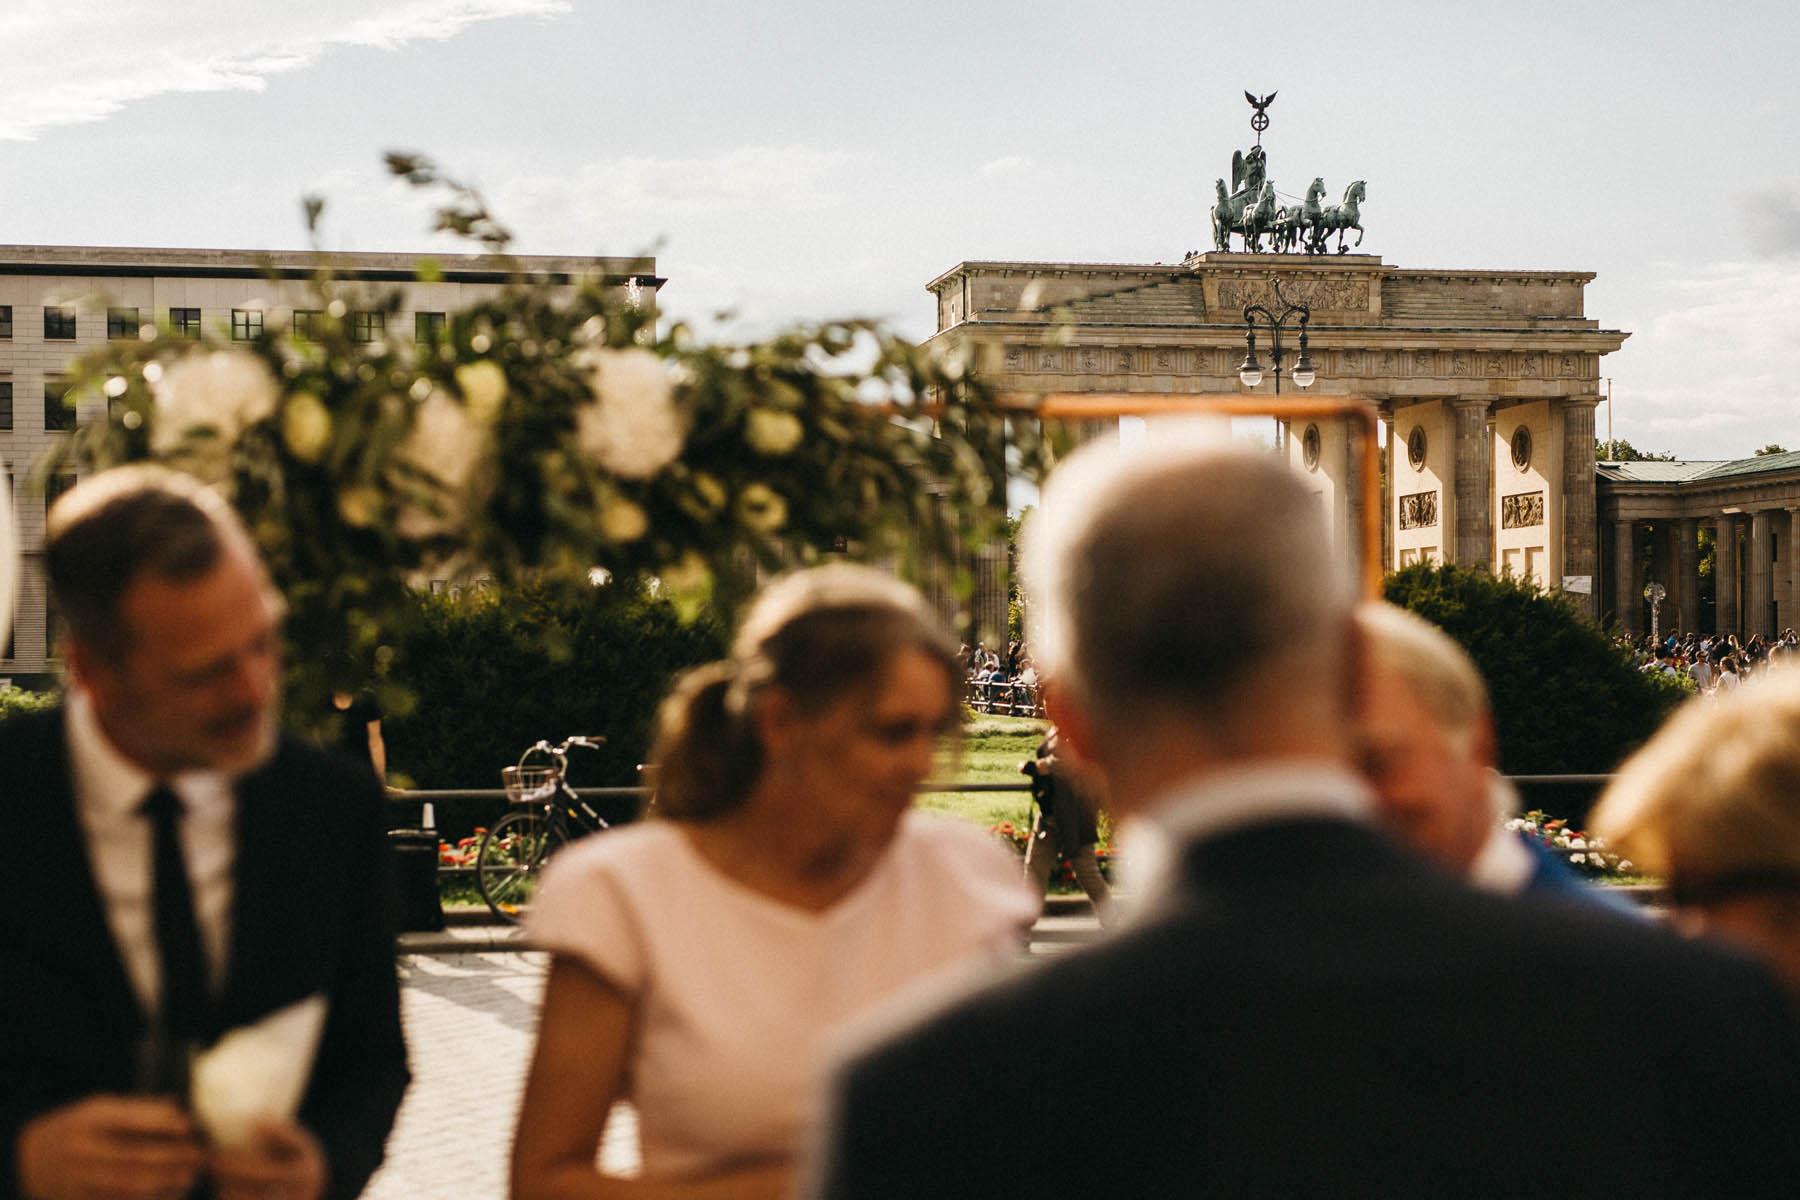 Heiraten im Hotel Adlon Kempinski in Berlin, mit Blick auf das Brandenburger Tor - Raissa + Simon Fotografie